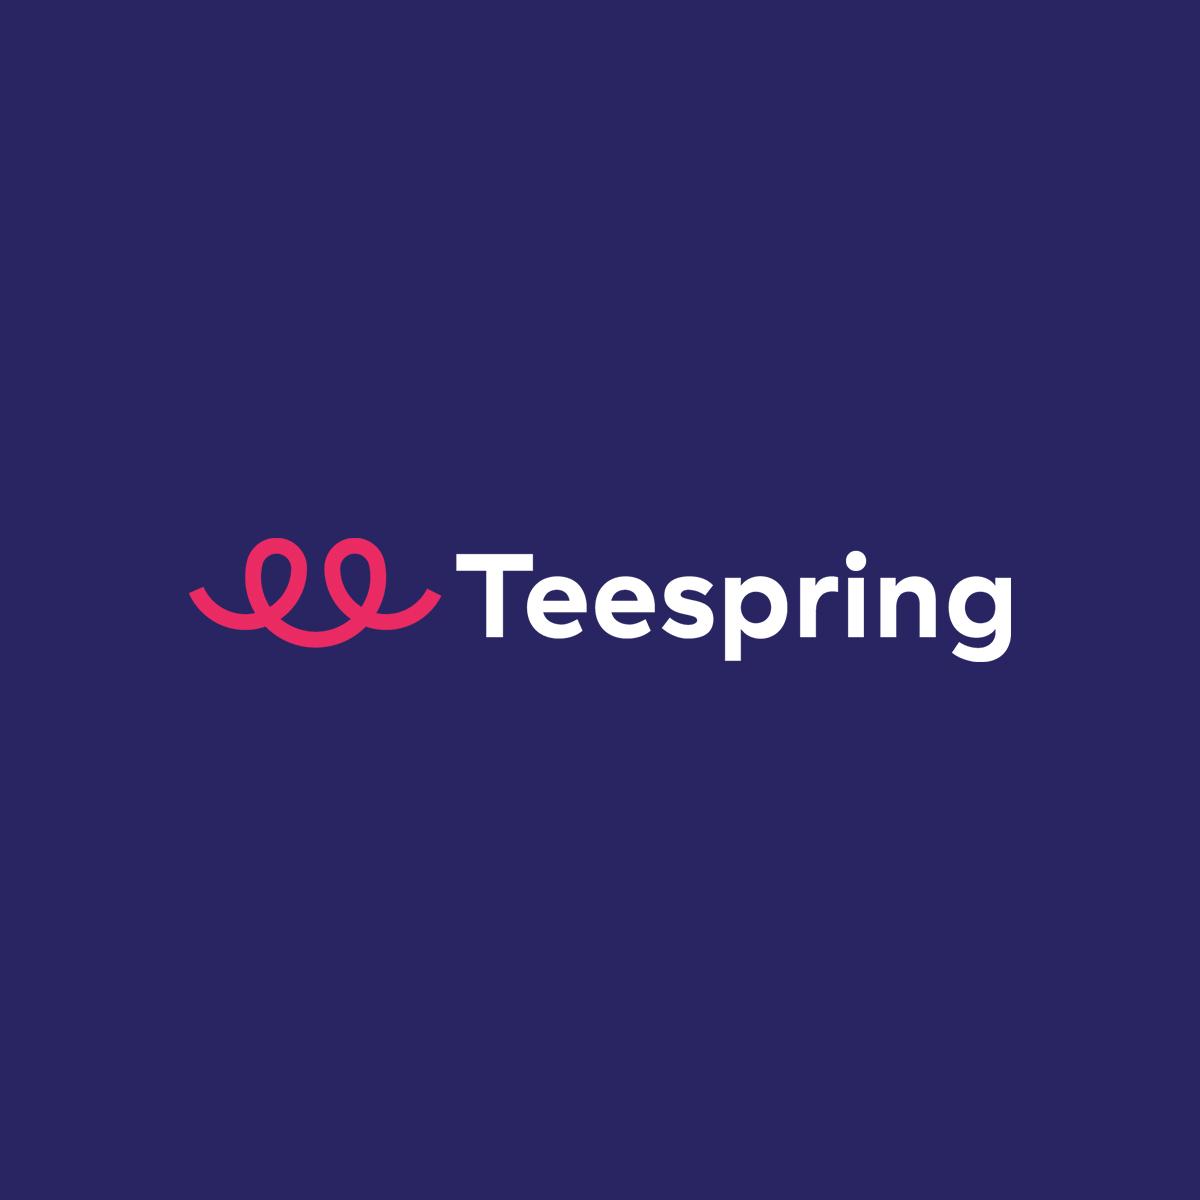 Teespring brings in custom Champion merchandise